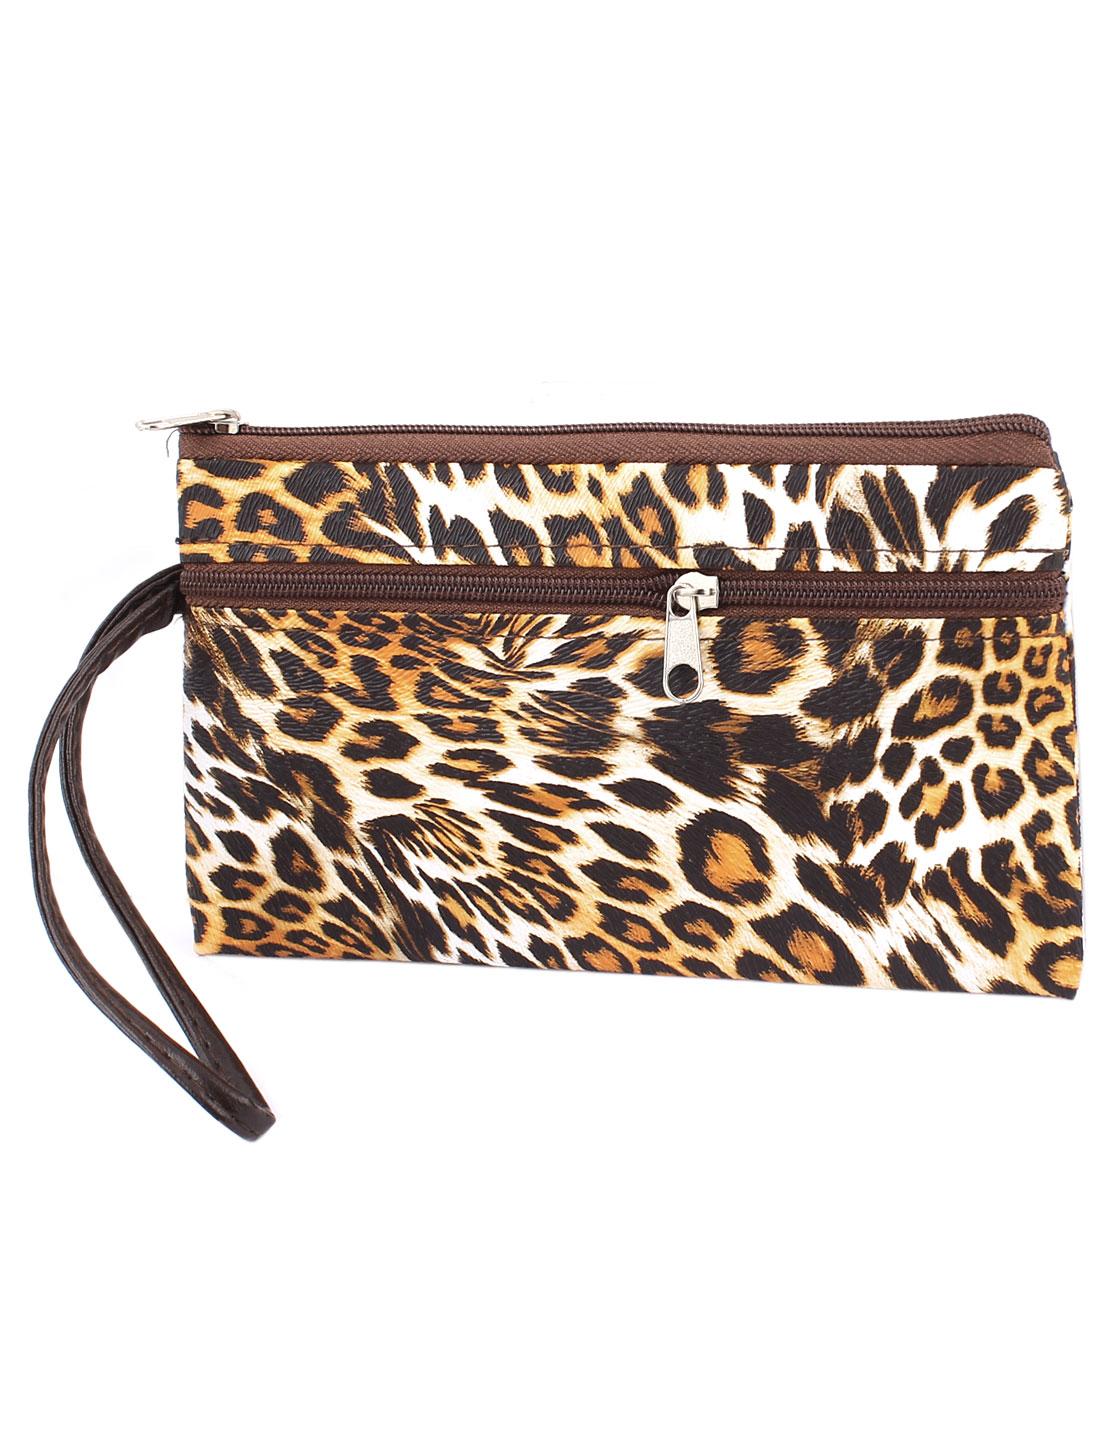 Lady Women Zip Up Faux Leather Leopard Prints Handbag Purse Mixed Color w Strap